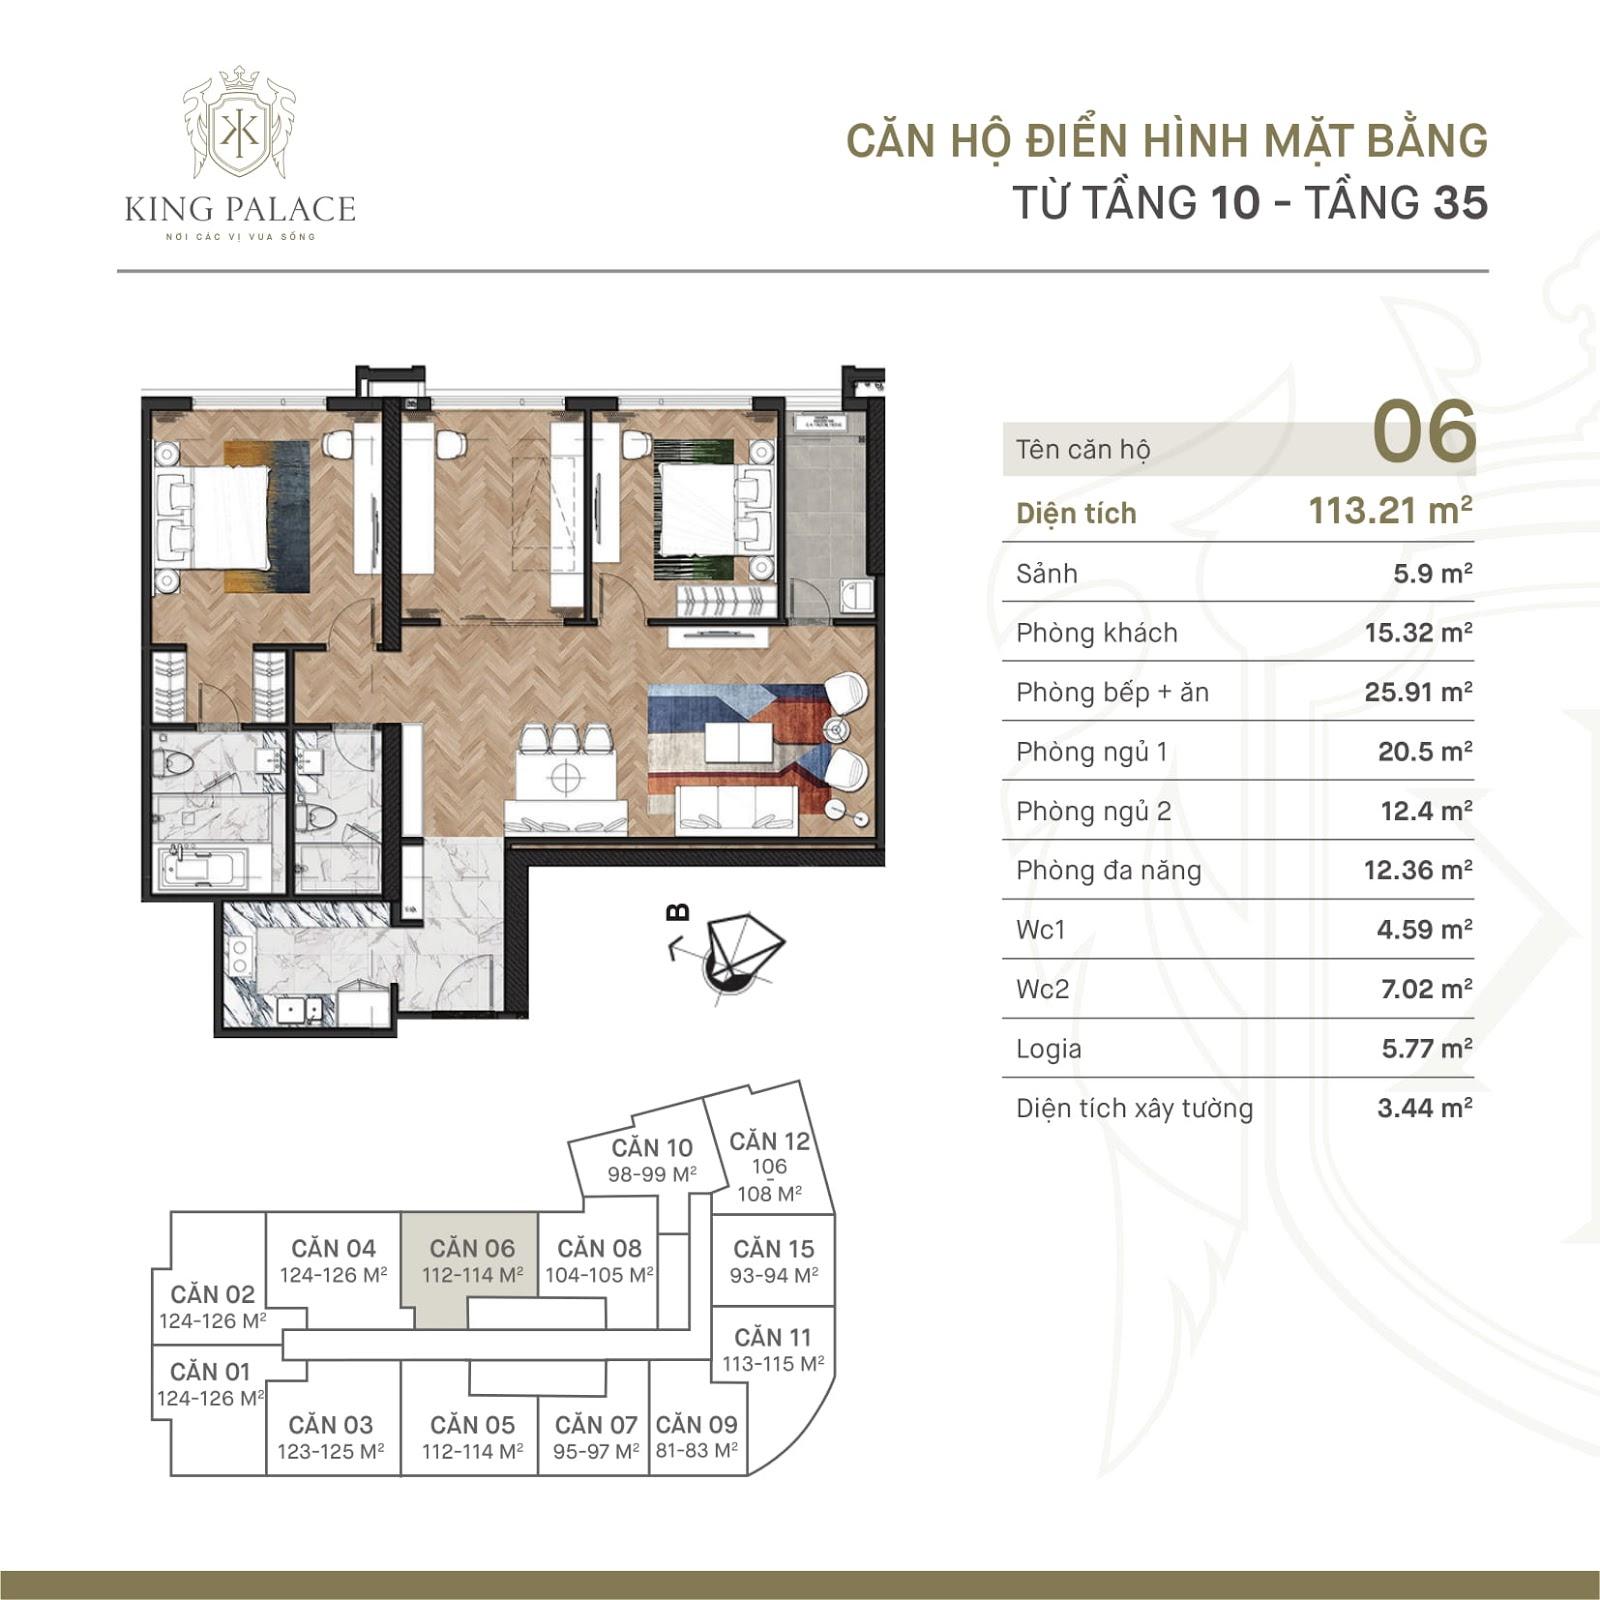 Thiết kế căn hộ King Palace